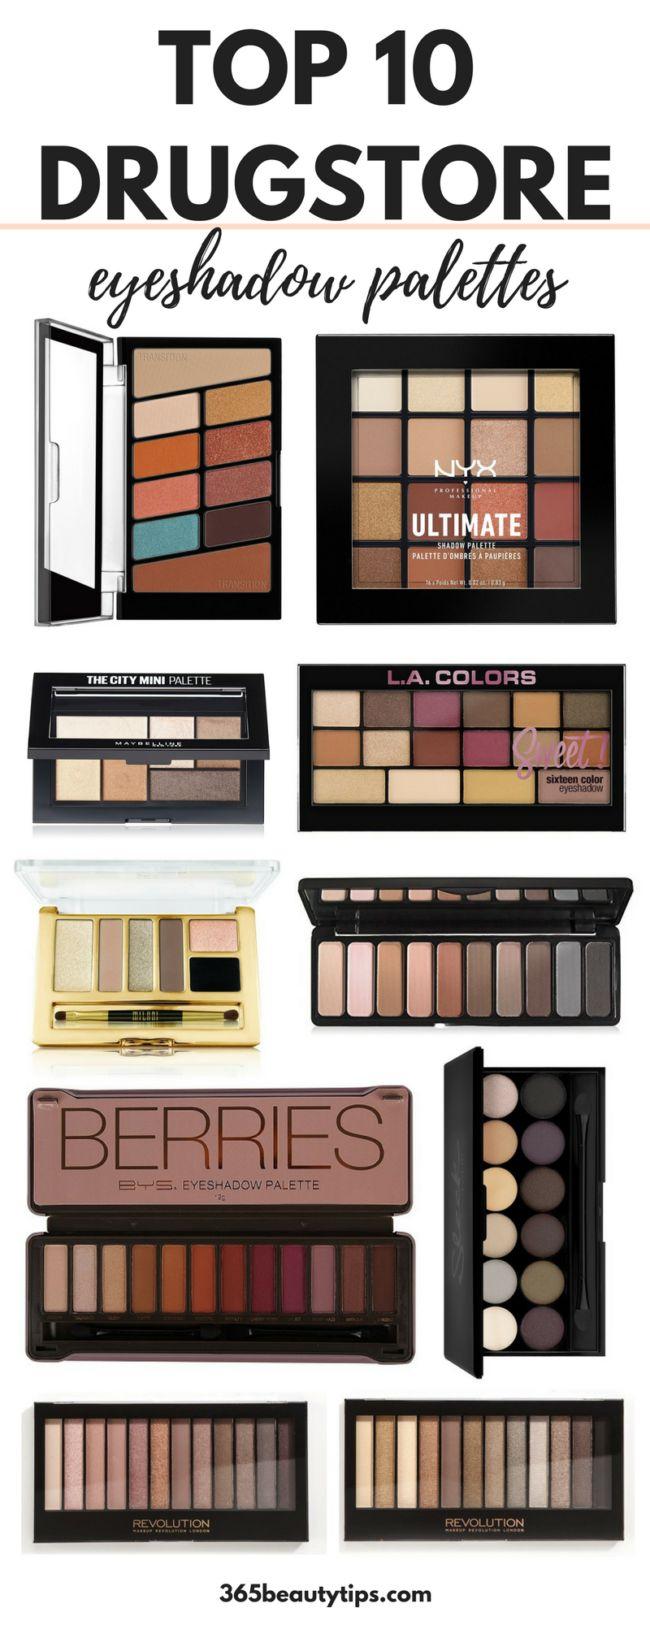 Top 10 drugstore eyeshadow palettes